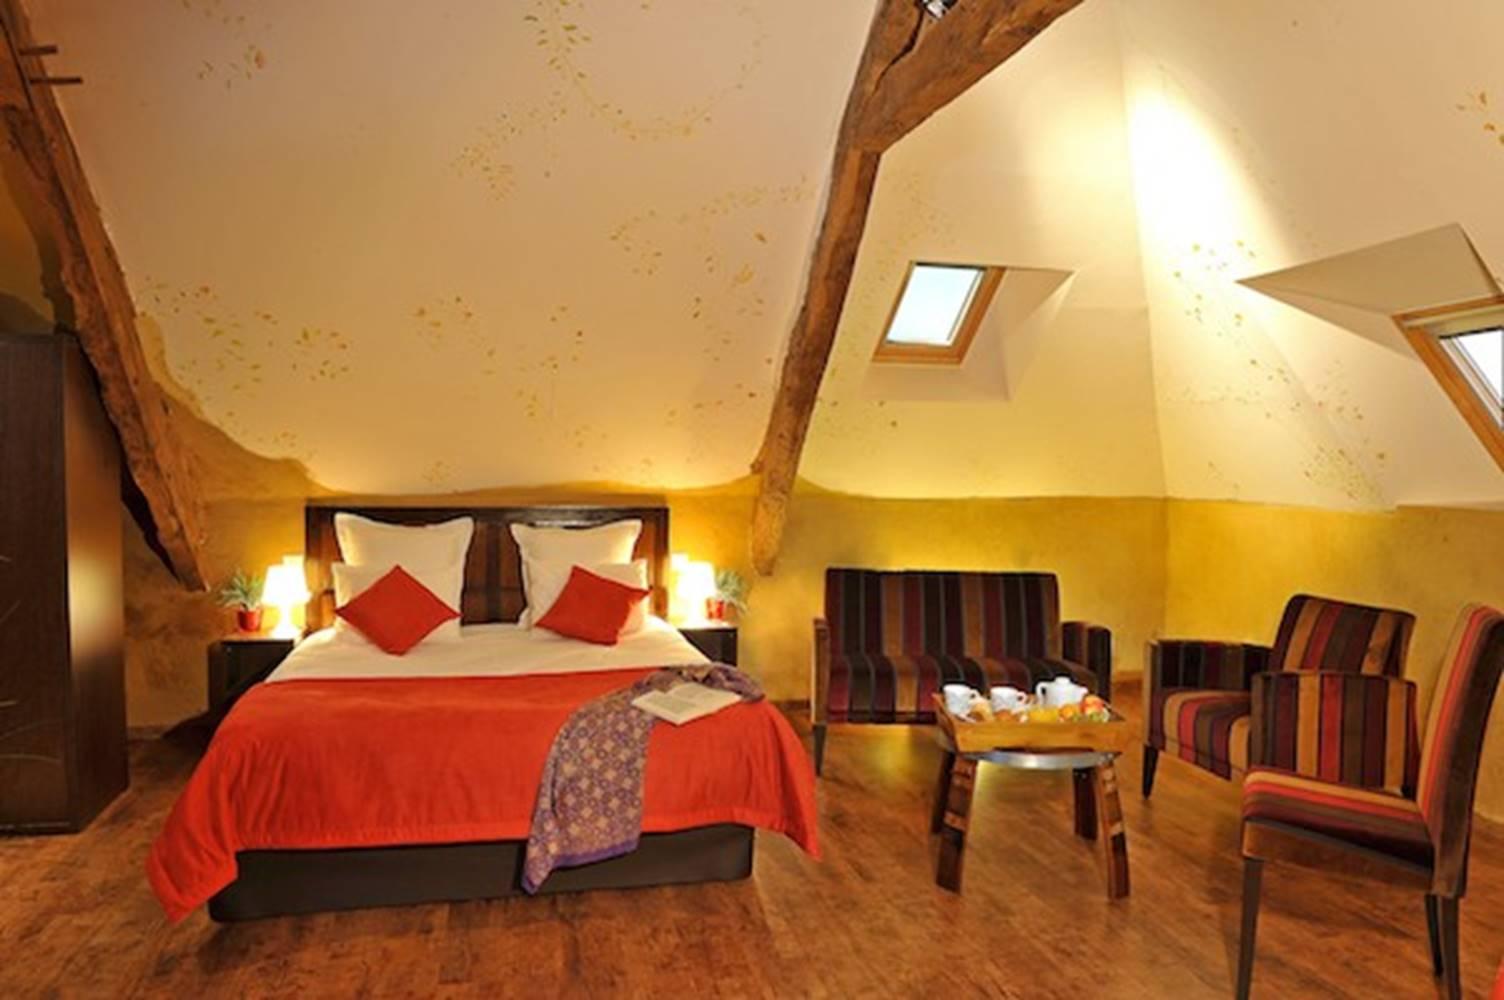 Hotel-Beignon-Morbihan-Bretagne-Sud © M. Boussin